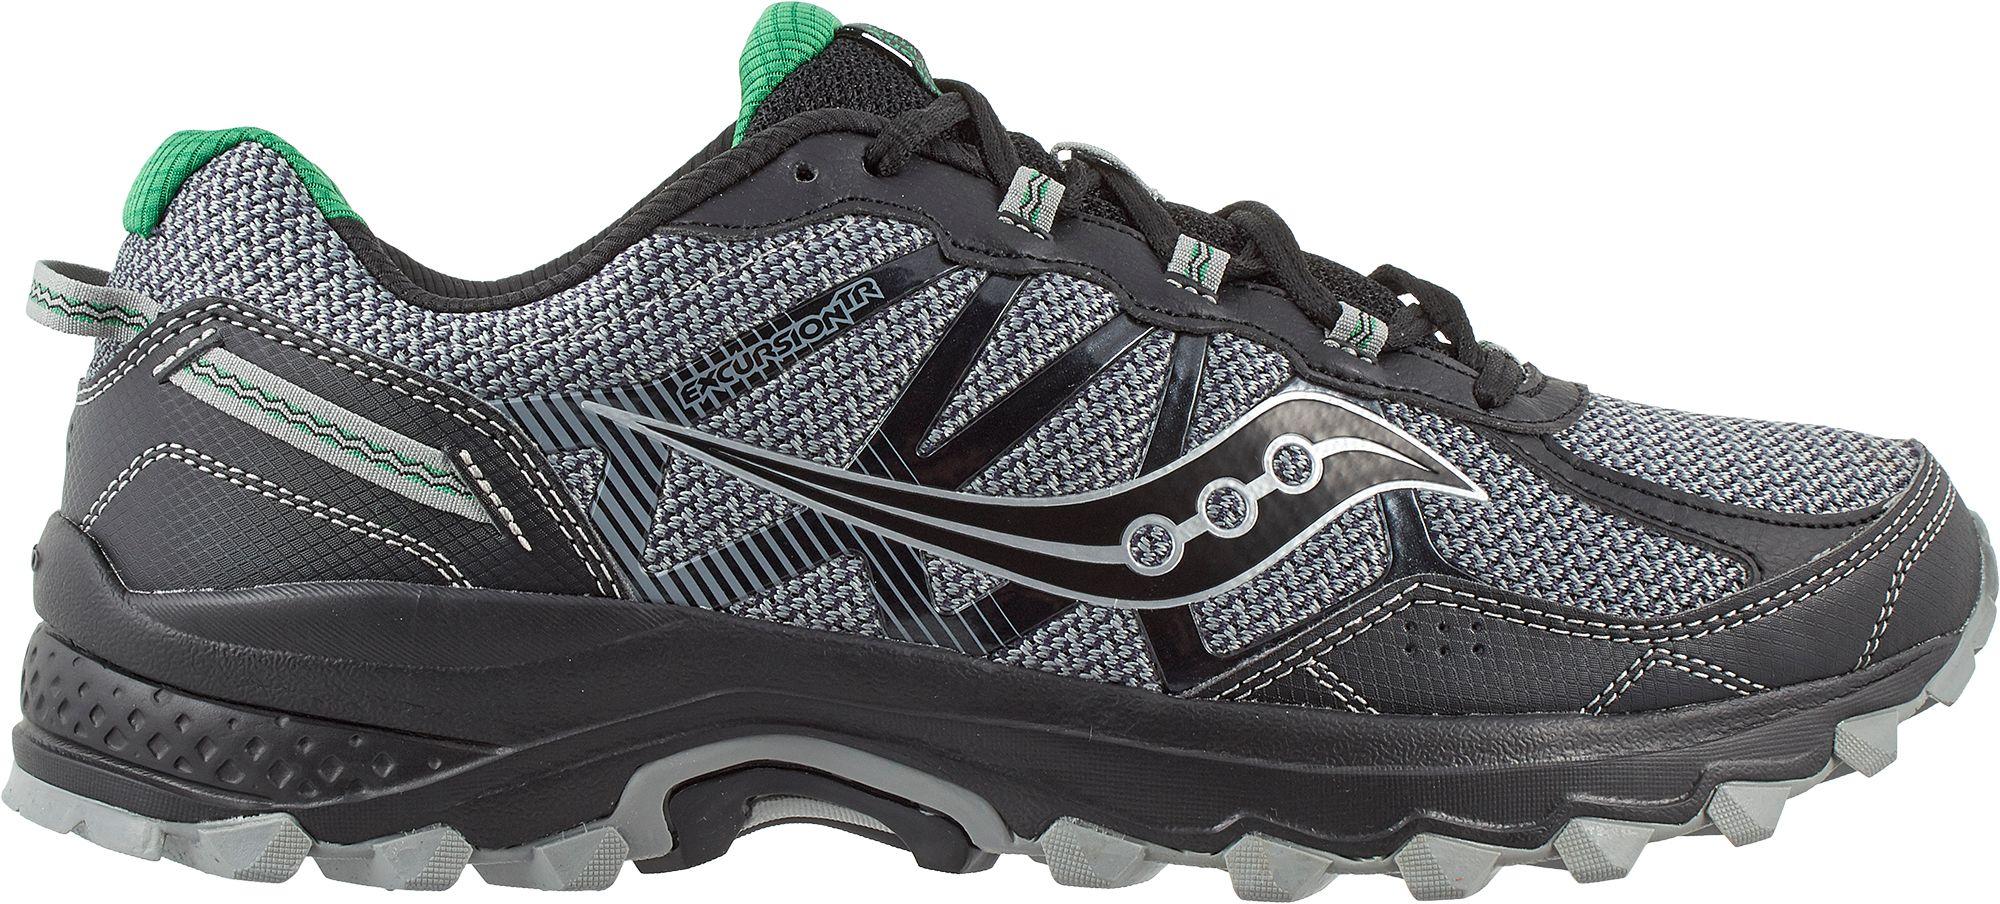 Saucony Men's Excursion TR11 Trail Running Shoes. 0:00. 0:00 / 0:00.  noImageFound ???